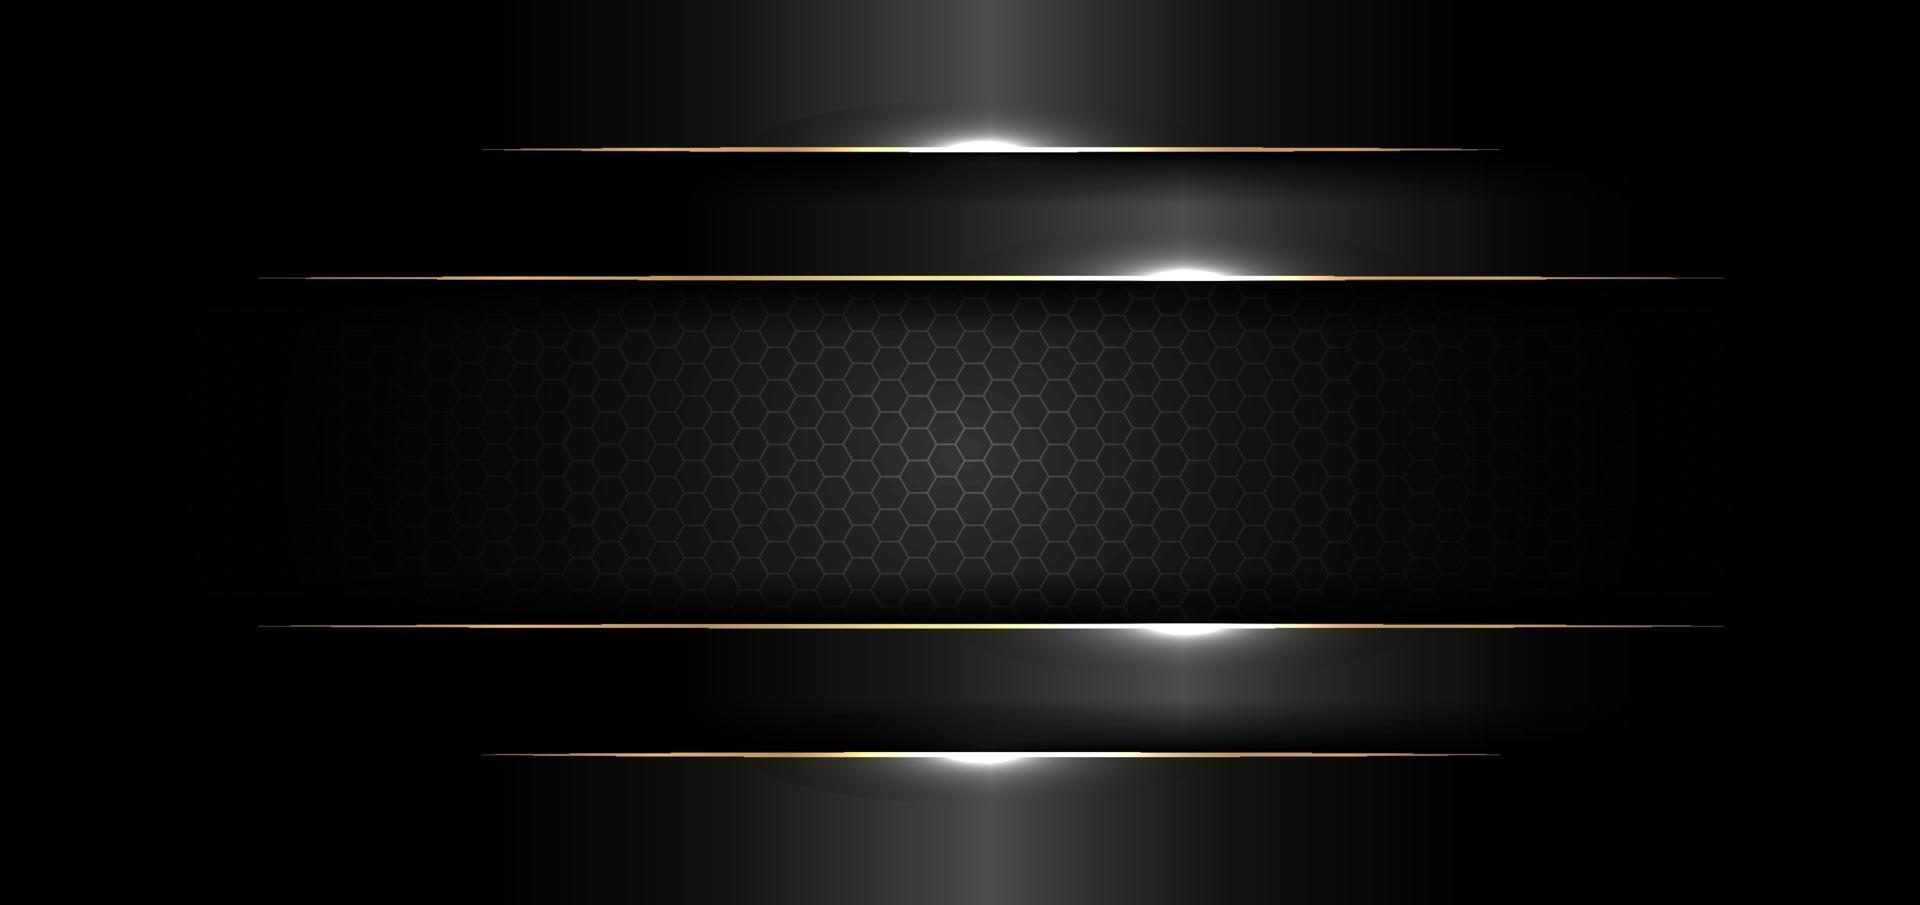 abstracte banner ontwerpsjabloon zwart glanzend met gouden lijn en lichteffect op donkere achtergrond en textuur vector